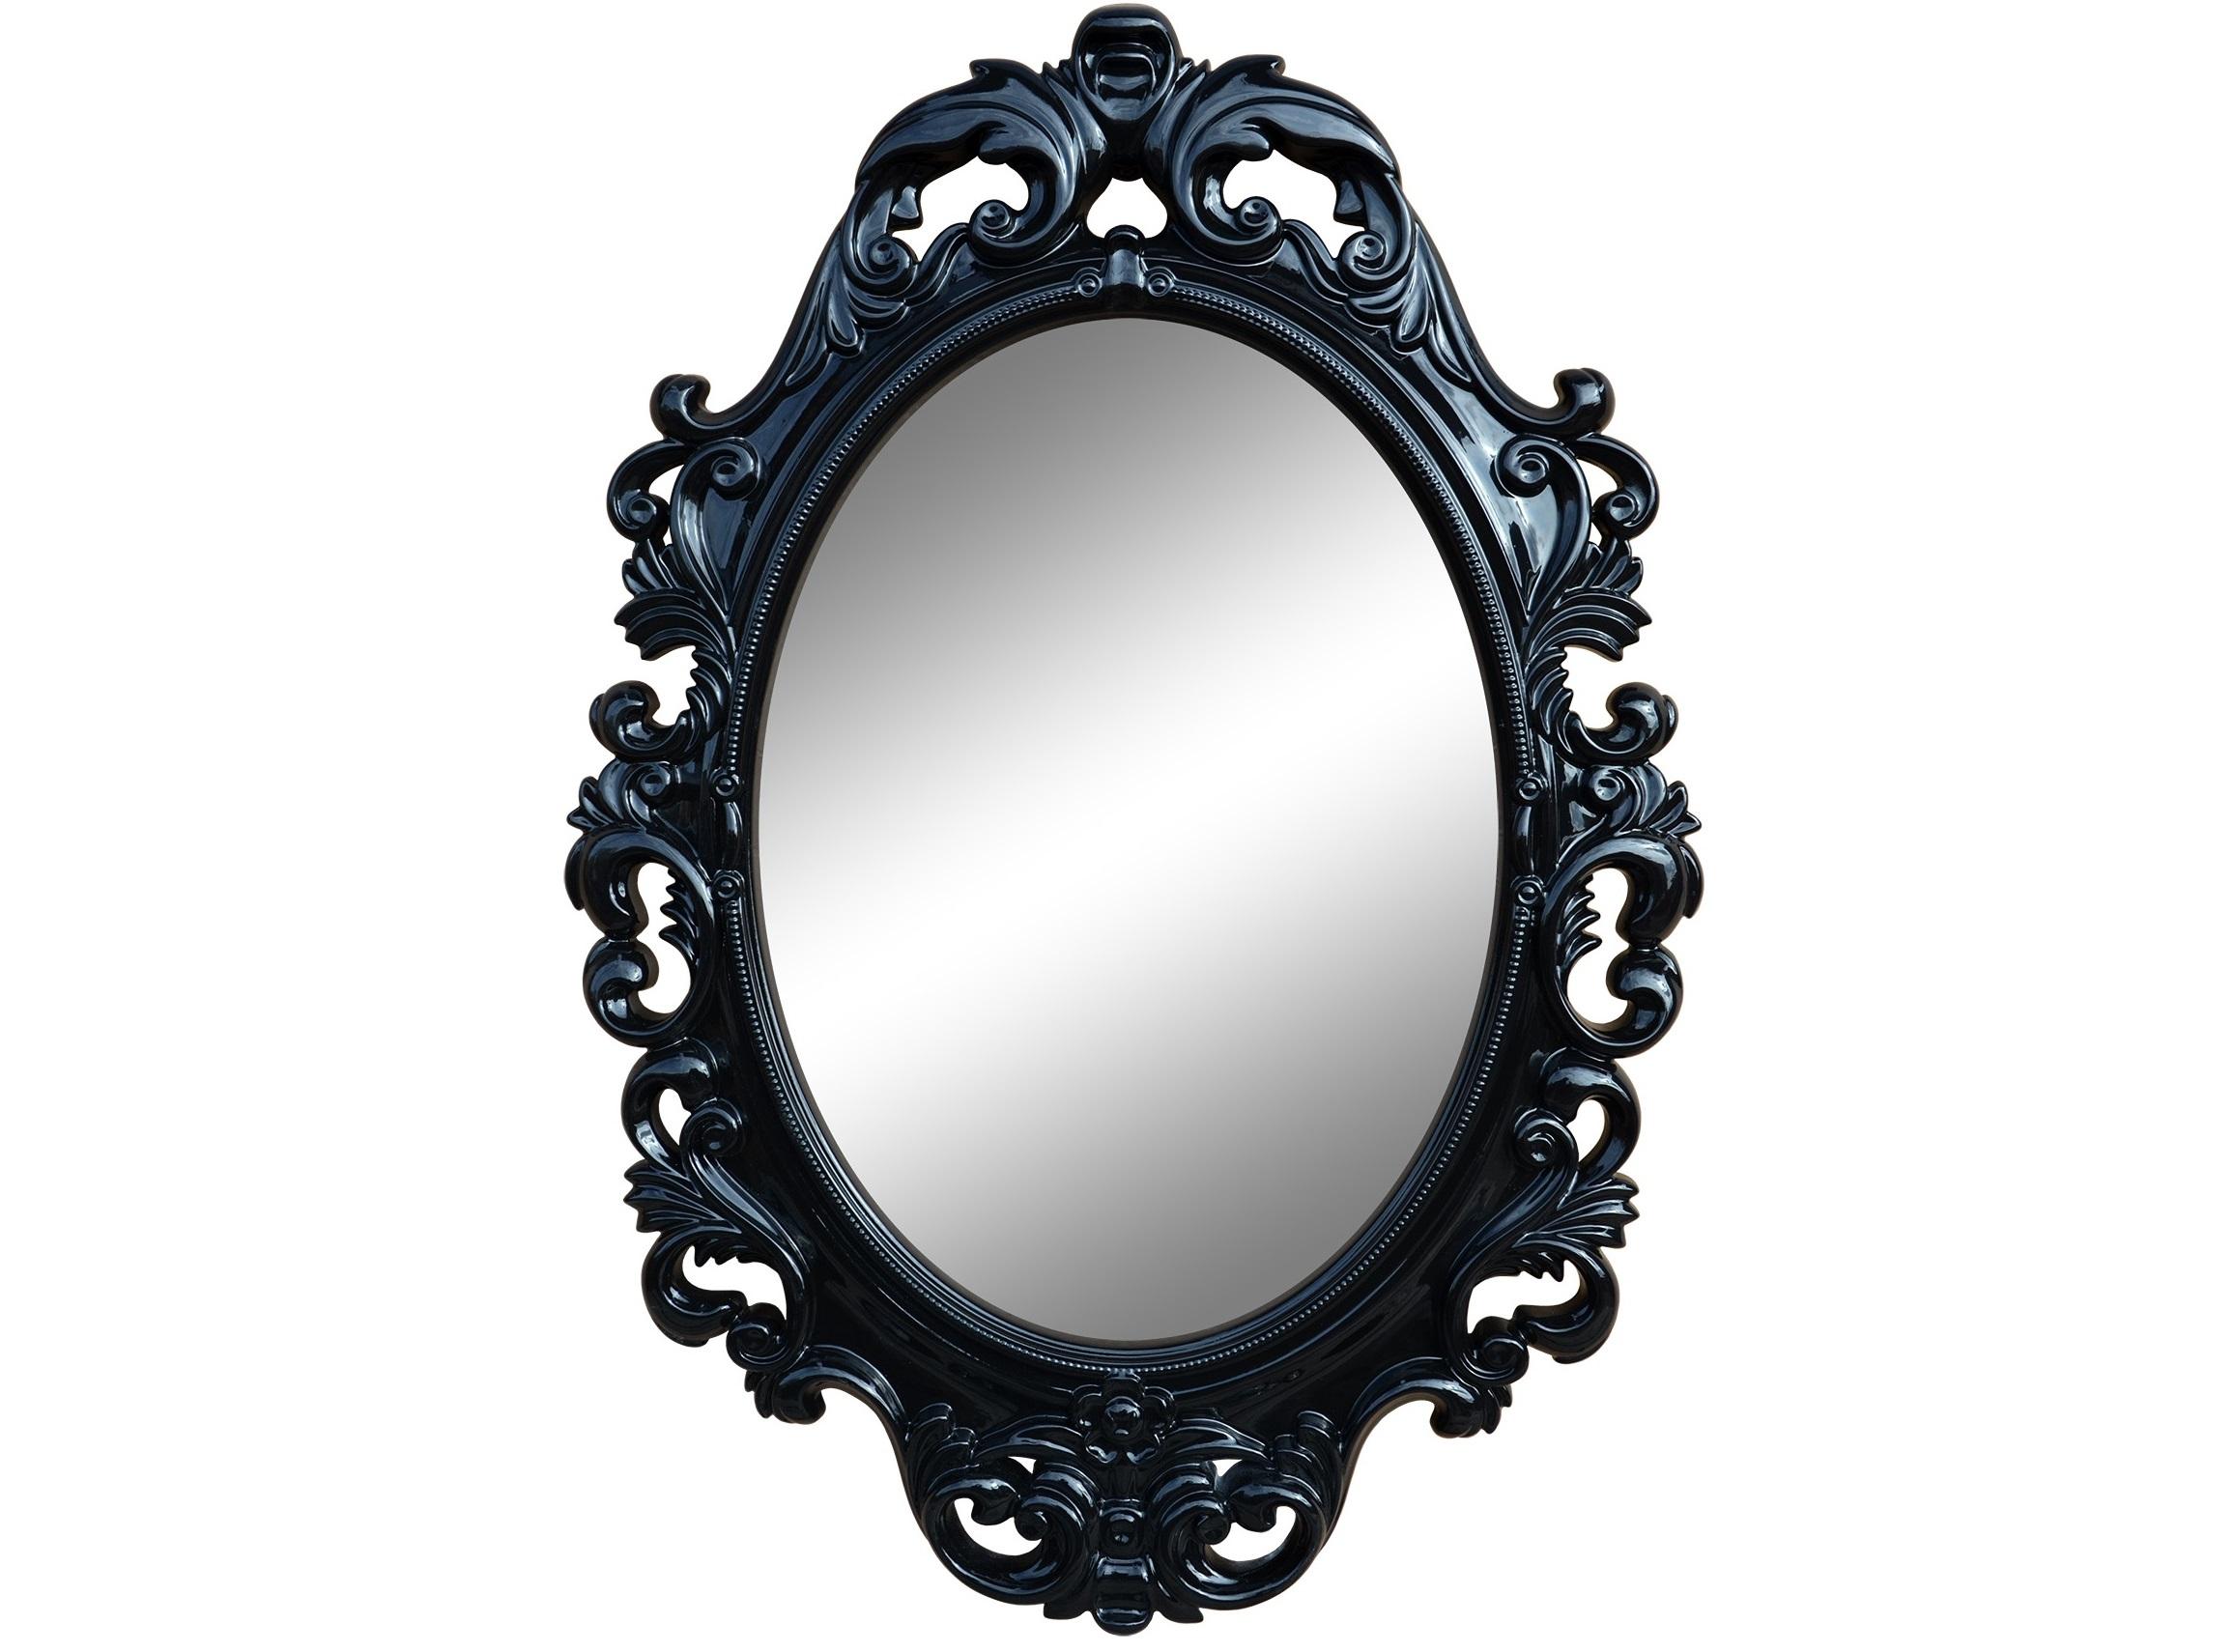 Зеркало ВИНТАЖНастенные зеркала<br>&amp;lt;div&amp;gt;Основные особенности ППУ: Безопасен для здоровья, не содержит вещества вызывающие аллергию, долговечность, надежность, жесткость, влагостойкость. Все декоративные красители - грунты, эмали, воски обладают высокой стойкостью.&amp;amp;nbsp;&amp;lt;/div&amp;gt;&amp;lt;div&amp;gt;Основное преимущество использованных материалов - это отсутствие запахов и быстрое высыхание, а также экологичность.&amp;amp;nbsp;&amp;lt;/div&amp;gt;&amp;lt;div&amp;gt;&amp;lt;br&amp;gt;&amp;lt;/div&amp;gt;&amp;lt;div&amp;gt;Рекомендации по уходу: бережная, влажная уборка.&amp;amp;nbsp;&amp;lt;/div&amp;gt;&amp;lt;div&amp;gt;Запрещается использование любых растворителей.&amp;lt;/div&amp;gt;<br><br>Material: Полиуретан<br>Length см: None<br>Width см: 67<br>Depth см: 4<br>Height см: 96